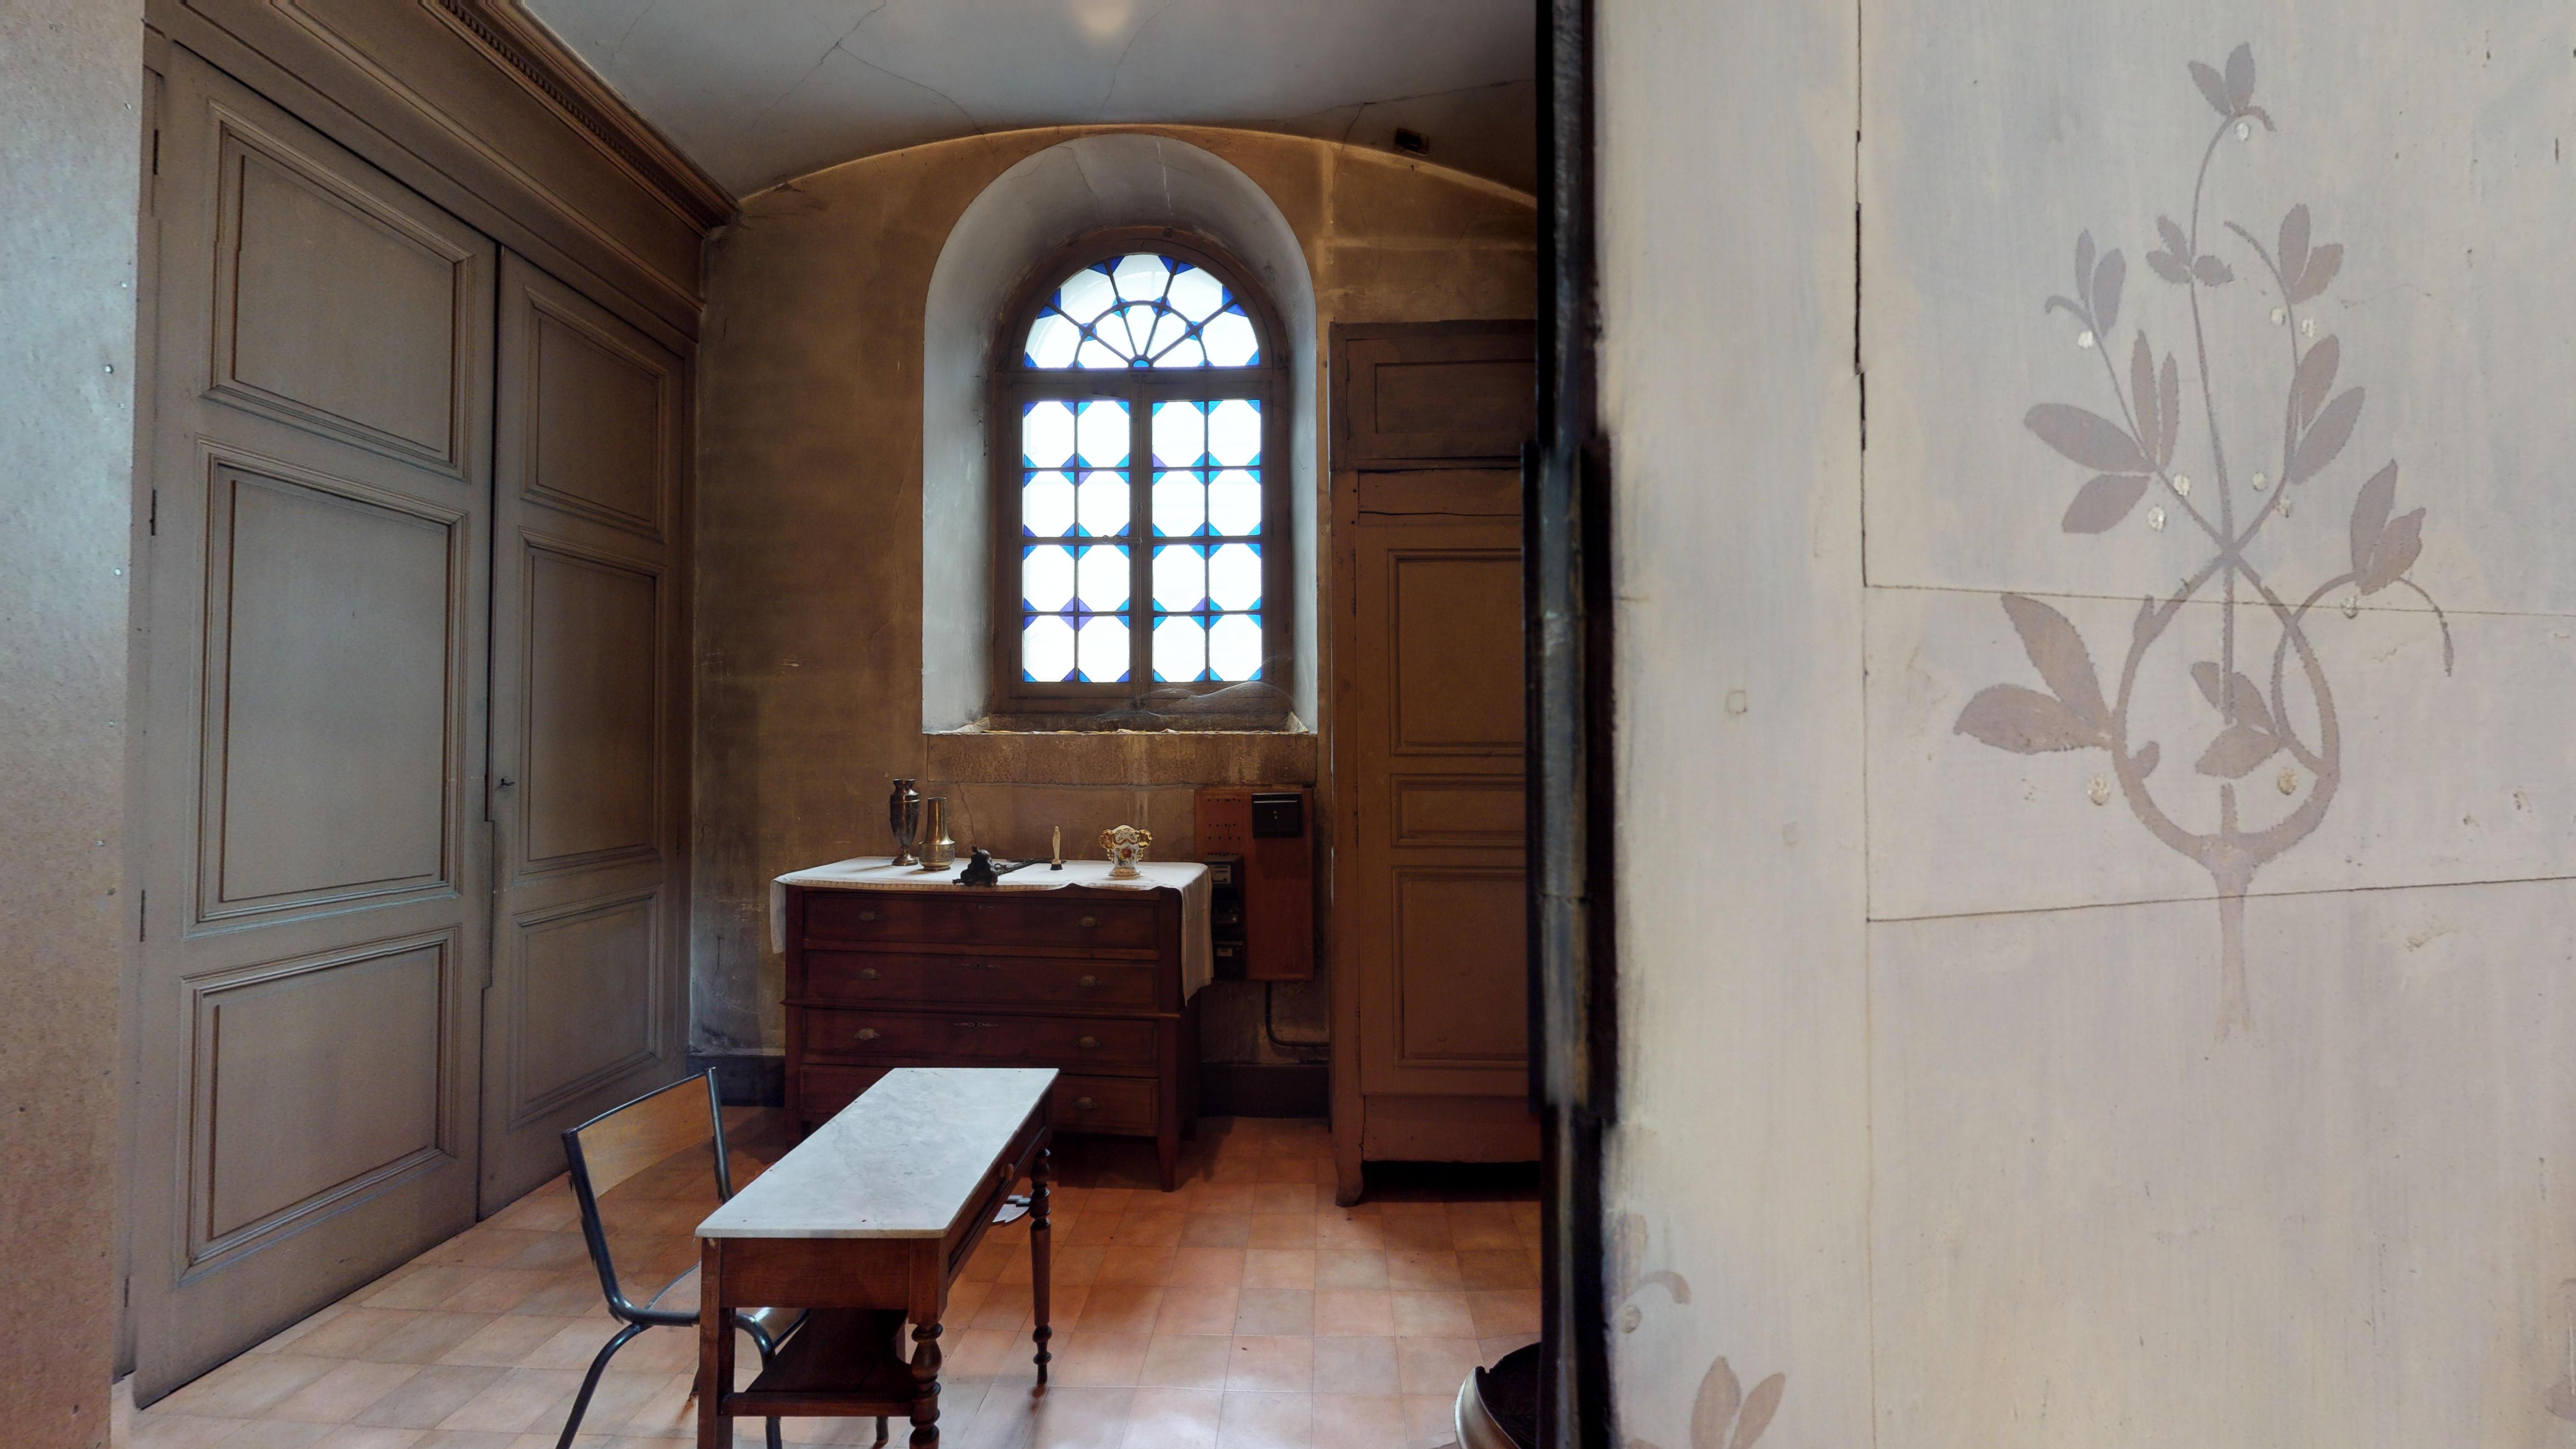 Rive-de-Gier-Eglise-Notre-Dame-2018-Bureau-b